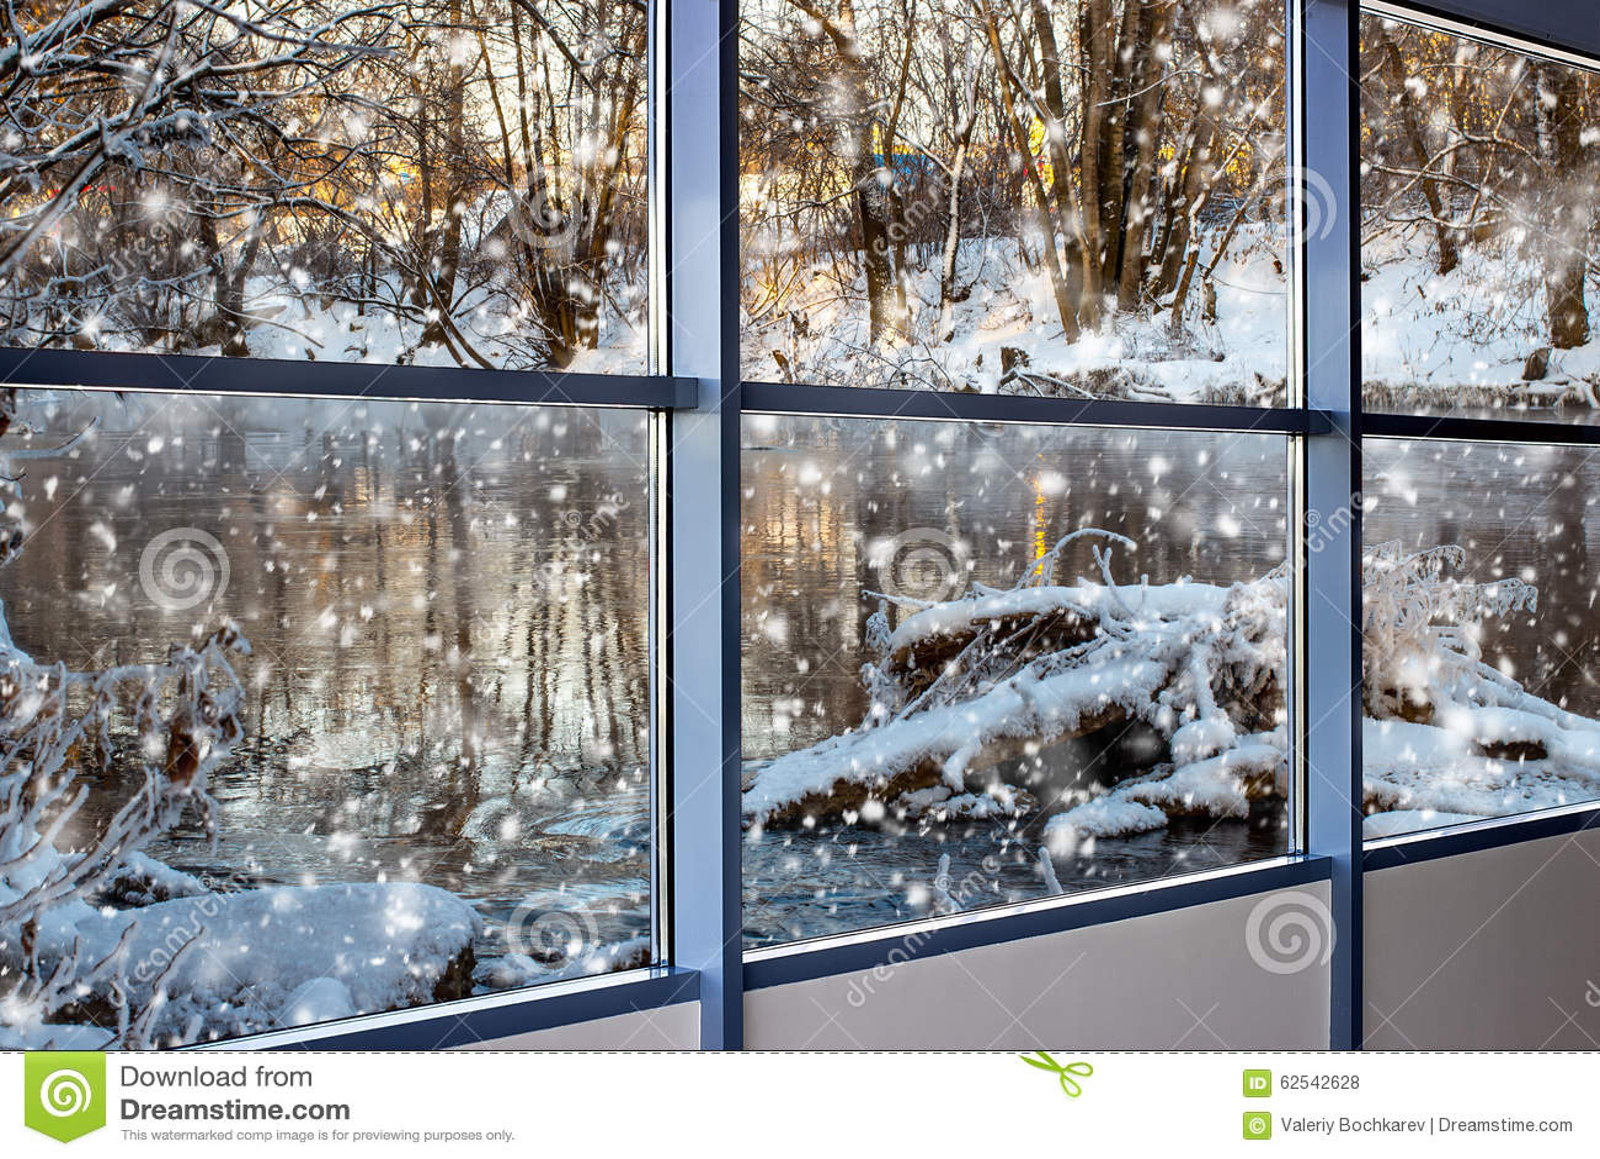 Paysage d 39 hiver en dehors de la fen tre photo stock for Fenetre hiver